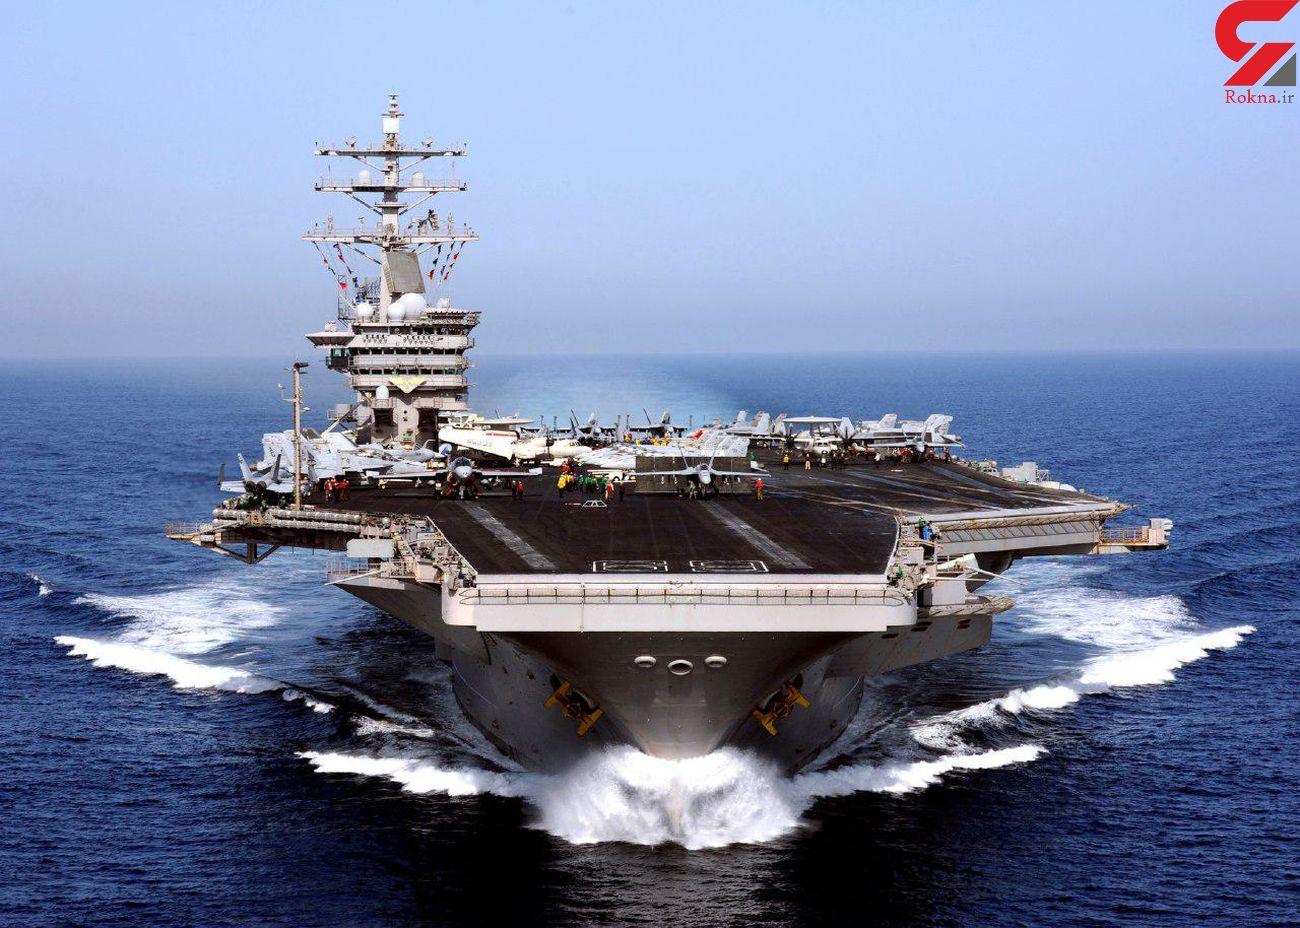 خروج ناو «یو اس اس باتان» آمریکا از خلیج فارس